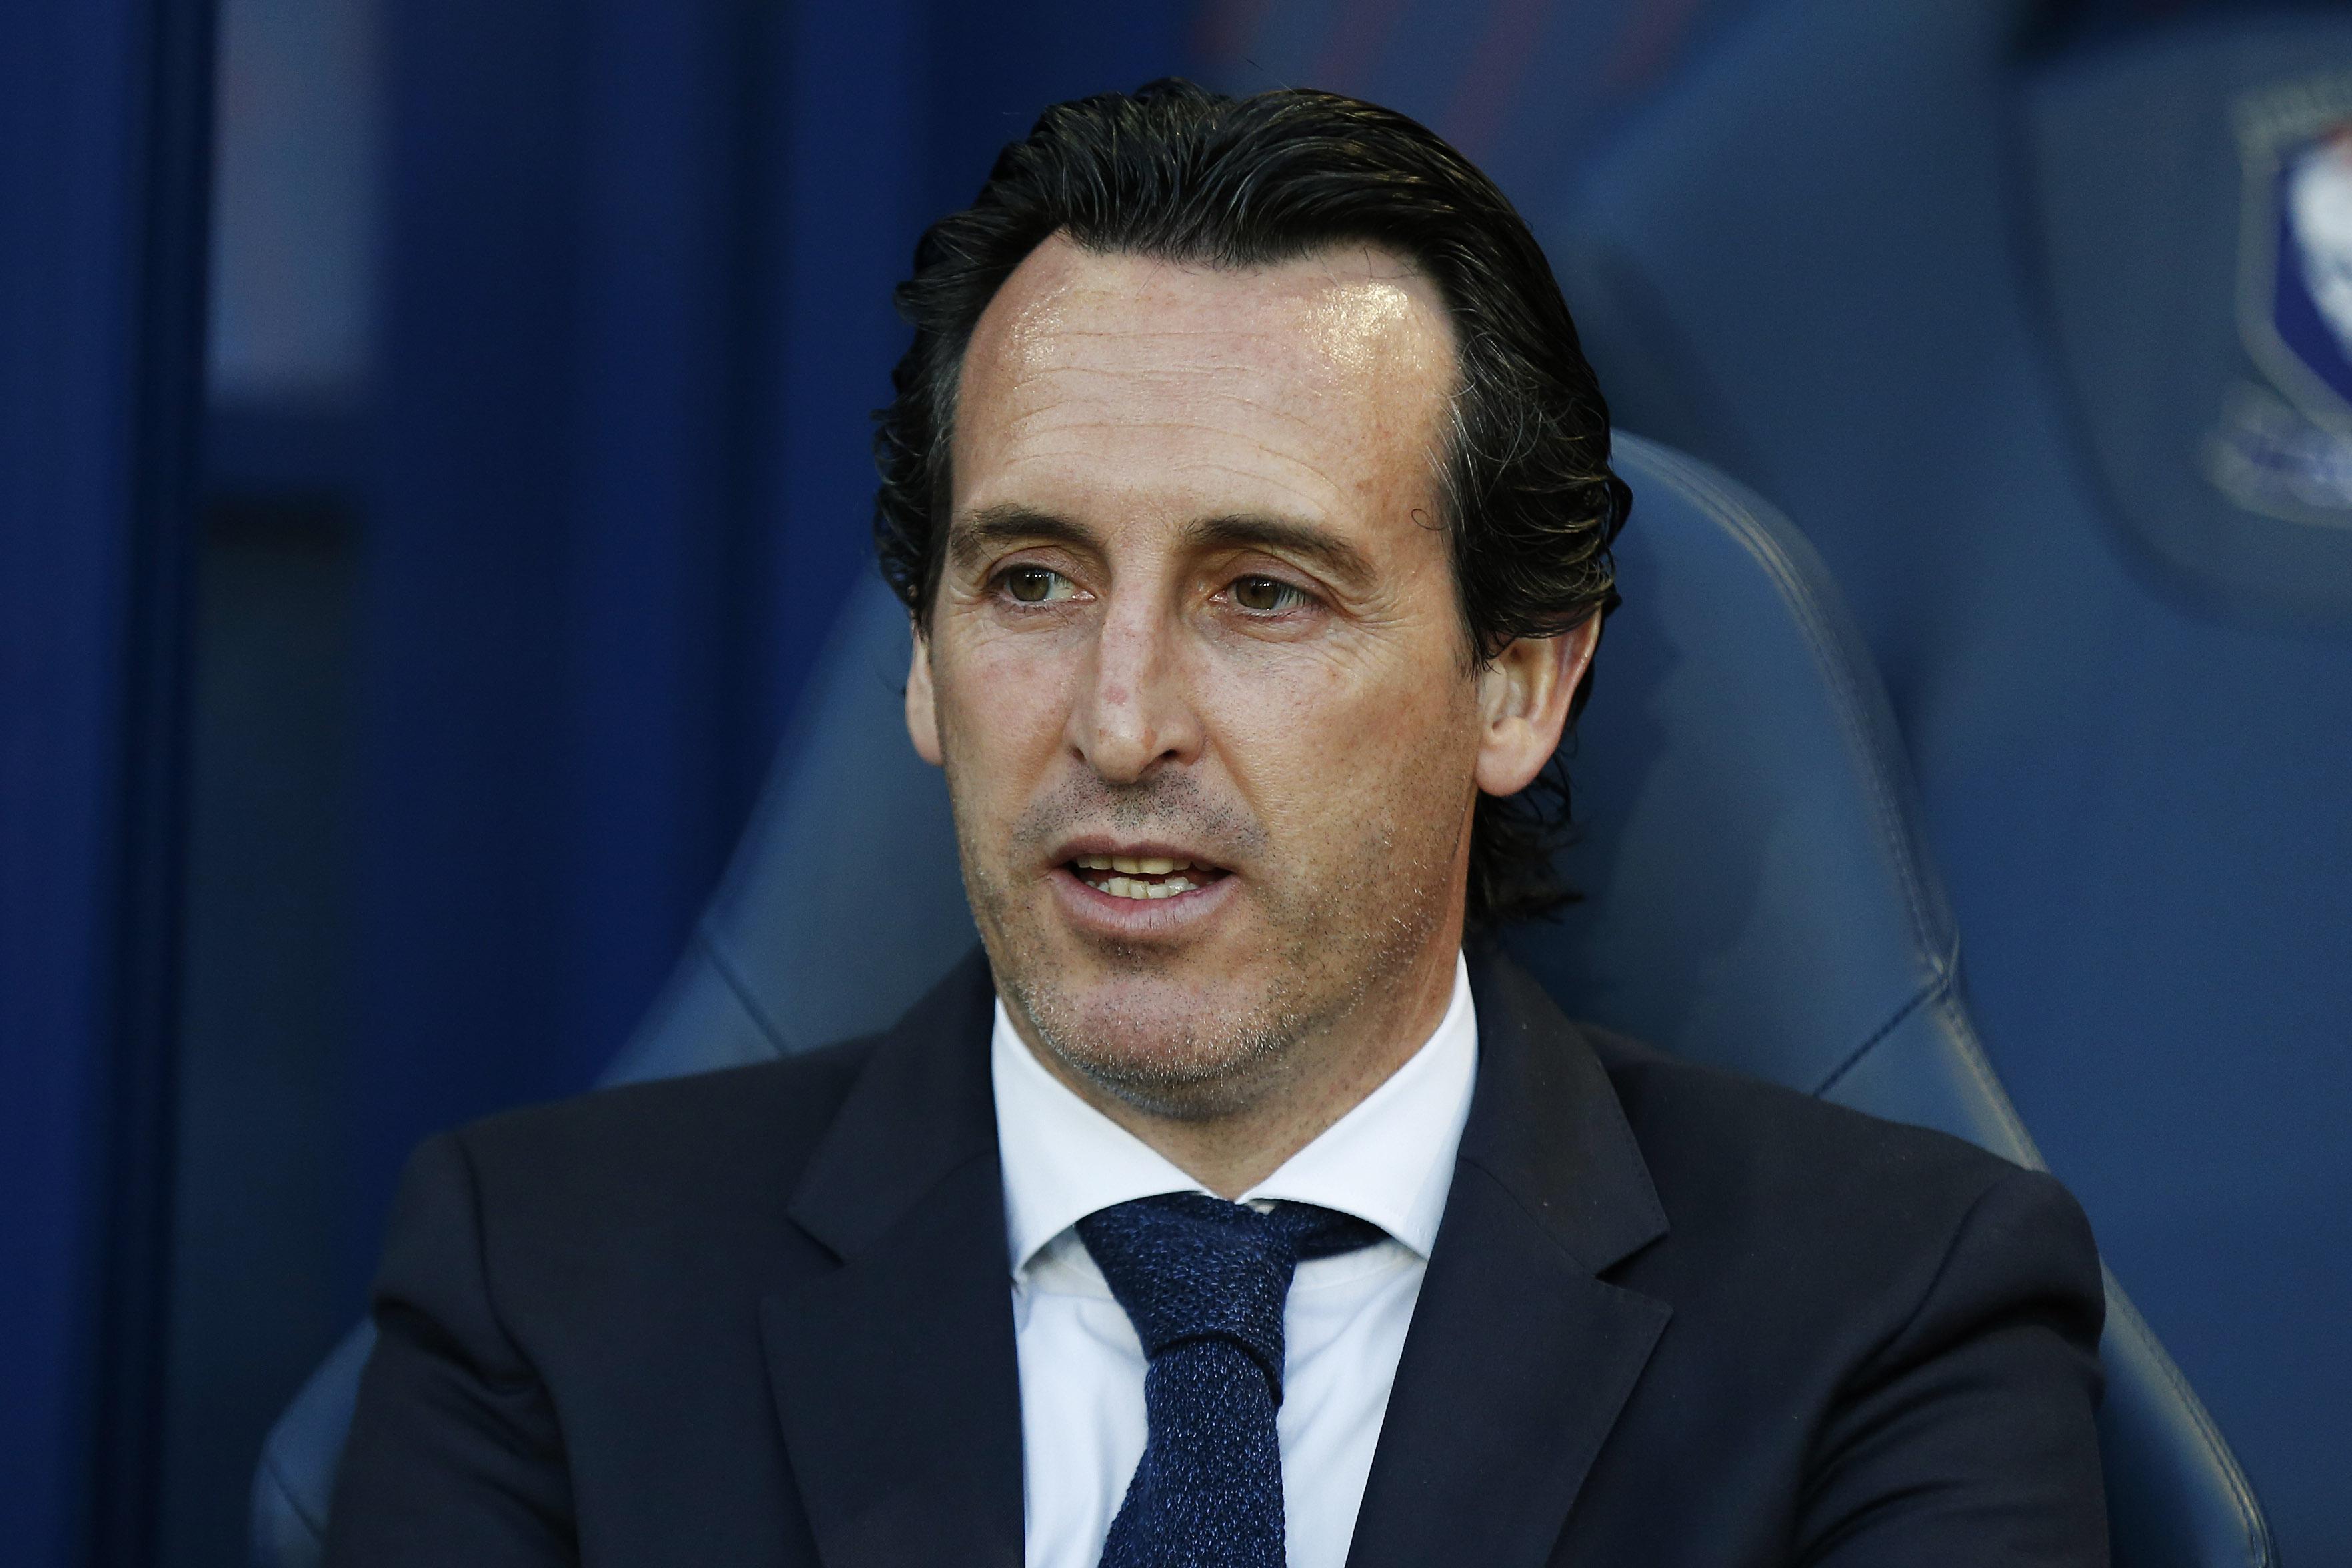 Megbüntették az Arsenal edzőjét, mert a nézők közé rúgott egy vizespalackot